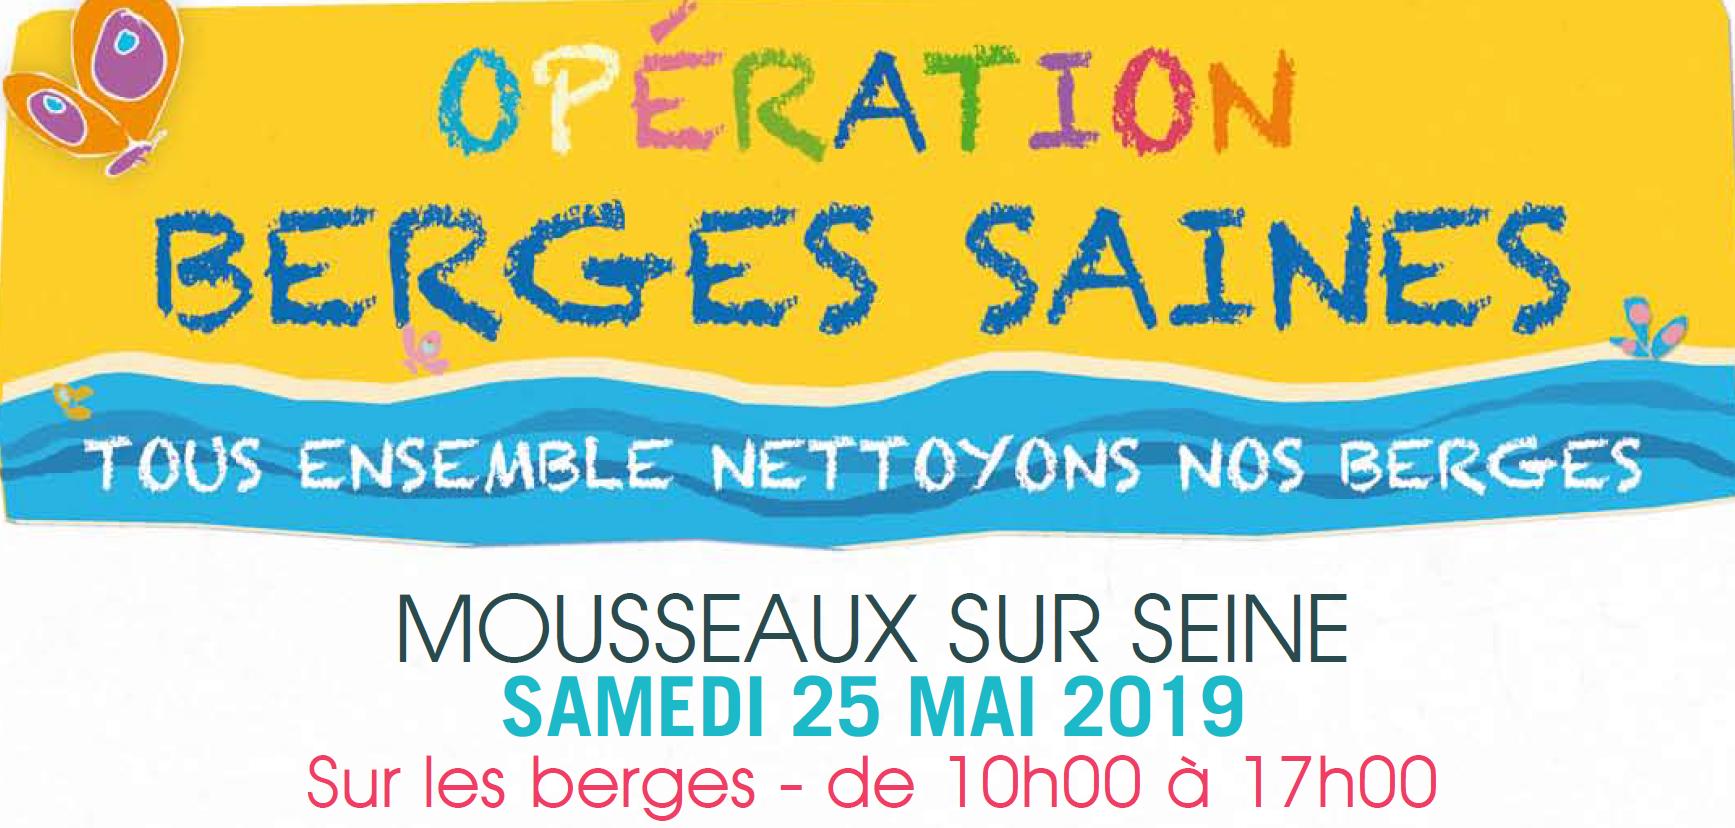 Nettoyage des berges de Seine